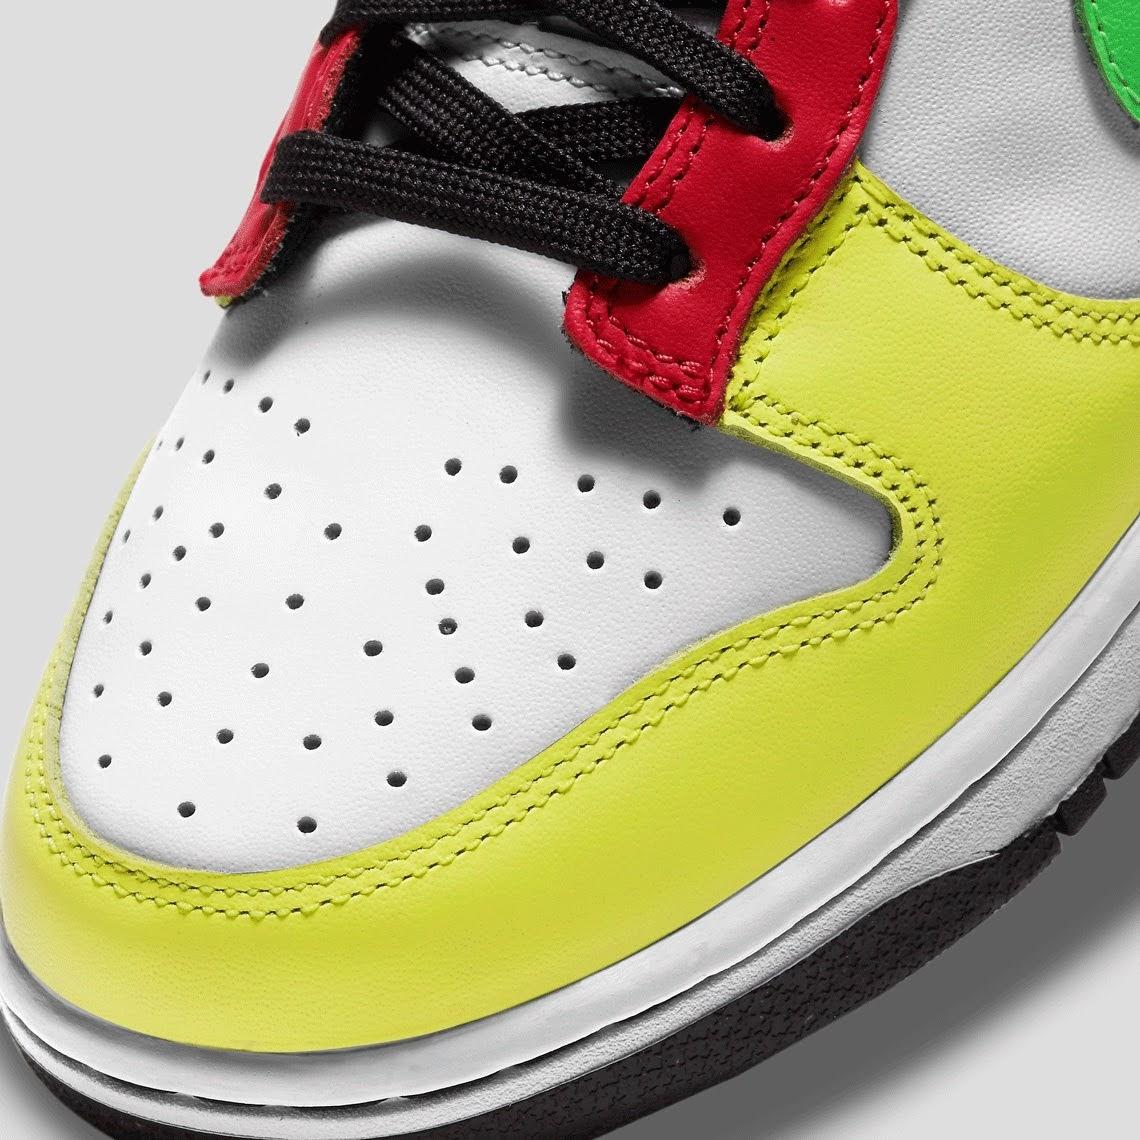 """ナイキ ウィメンズ ダンク ロー """"マルチカラー"""" Nike-Dunk-Low-Multi-Color-DD1503-106-toe"""